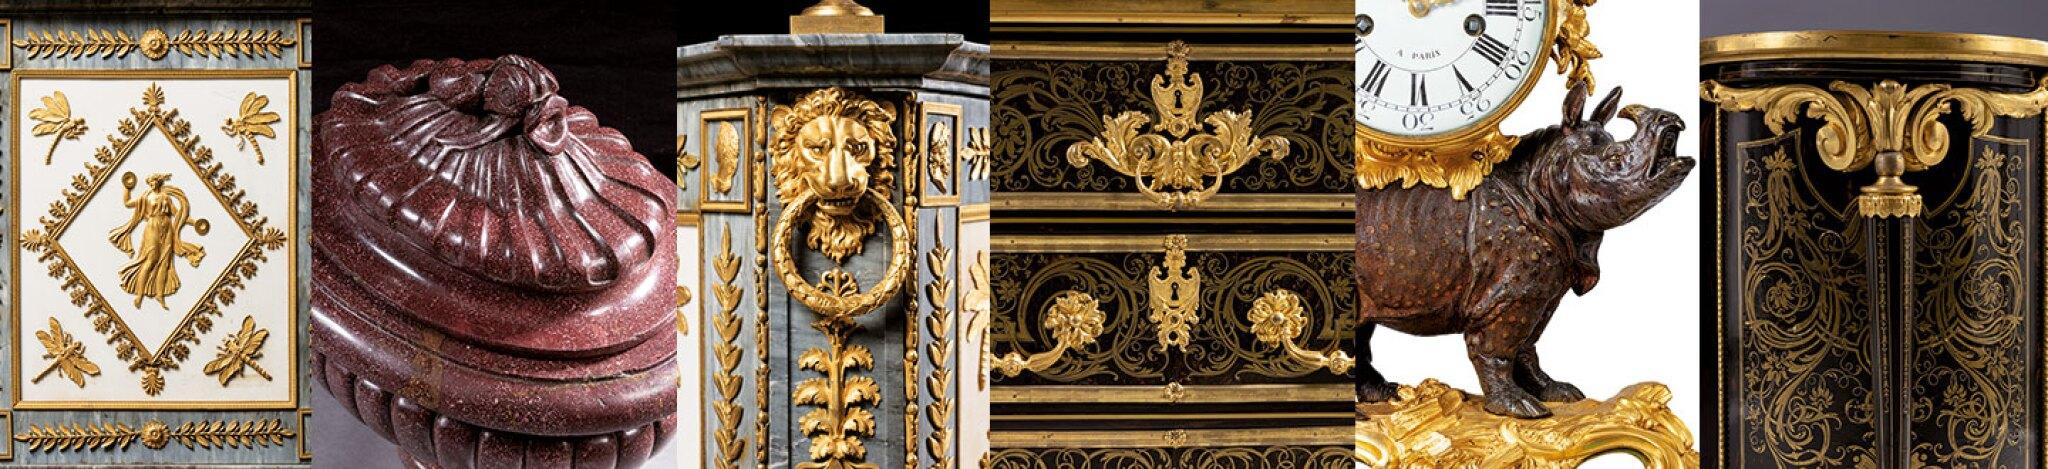 Redécouvertes : important mobilier du XVIIIe siècle provenant d'une prestigieuse collection